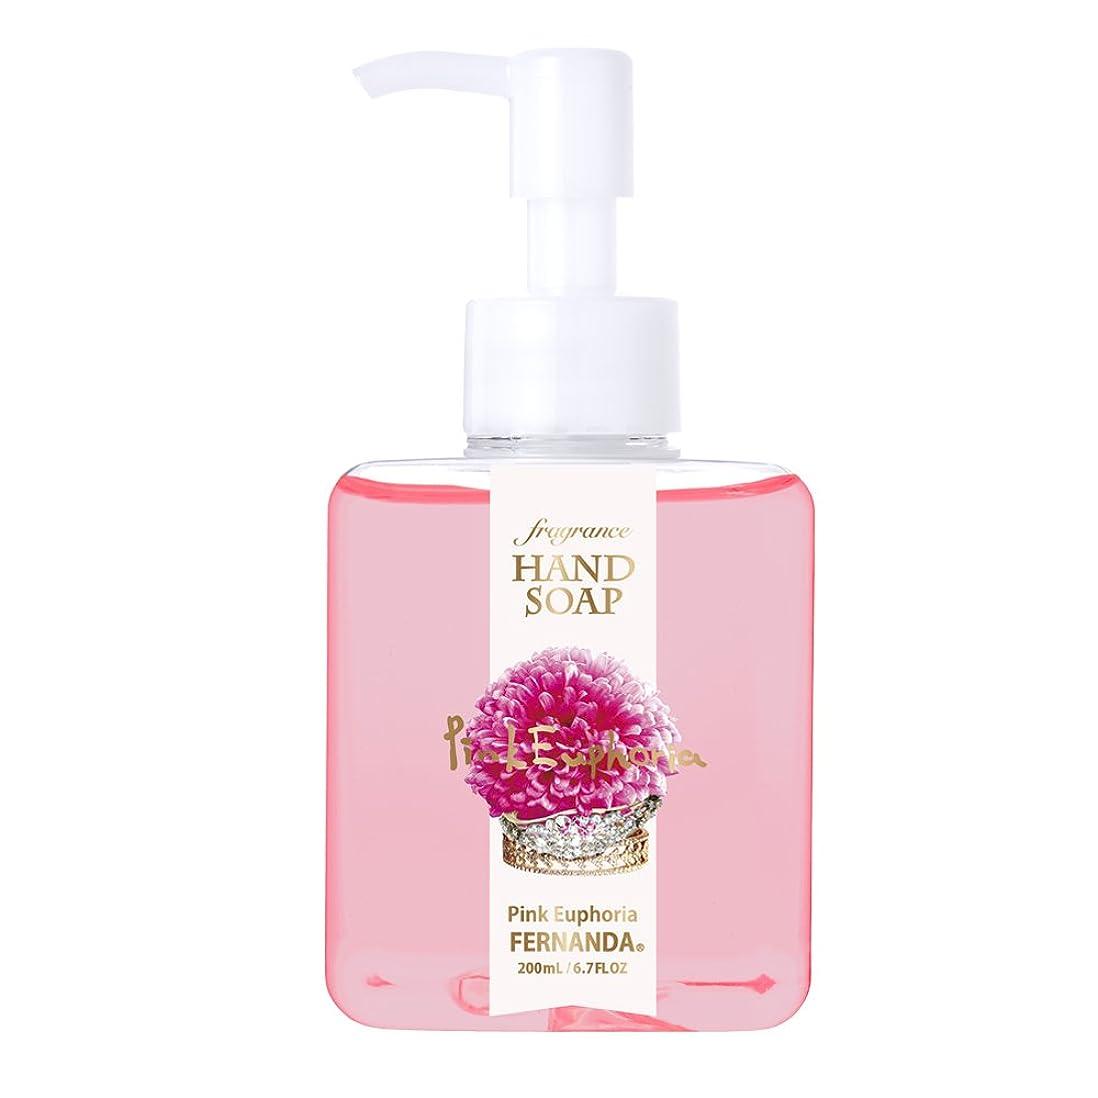 スライム異常な実現可能FERNANDA(フェルナンダ) Fragrance Hand Soap Pink Euphoria (ハンドソープ ピンクエウフォリア)